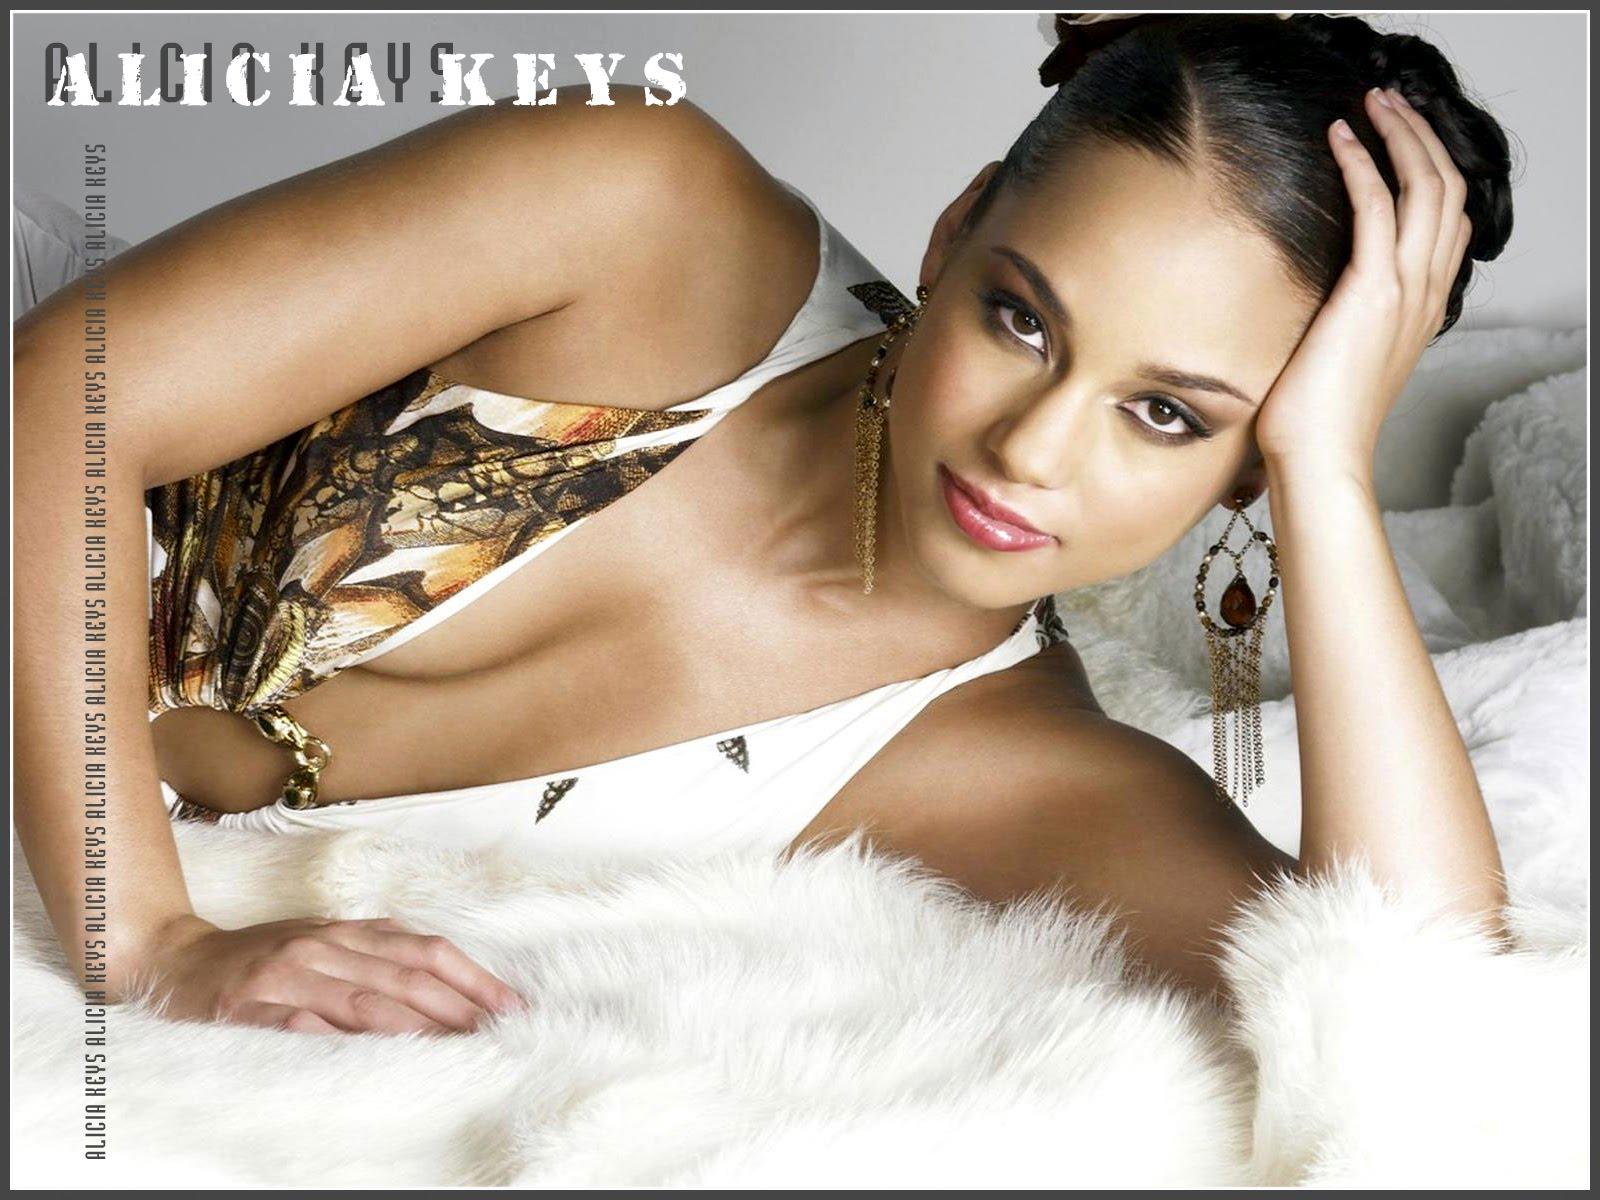 http://3.bp.blogspot.com/_zJZbKdIHjj8/TL11A3f4vKI/AAAAAAAAATk/xosoWfp-lSQ/s1600/Alicia-Keys-alicia-keys-58096_1600_1200.jpg